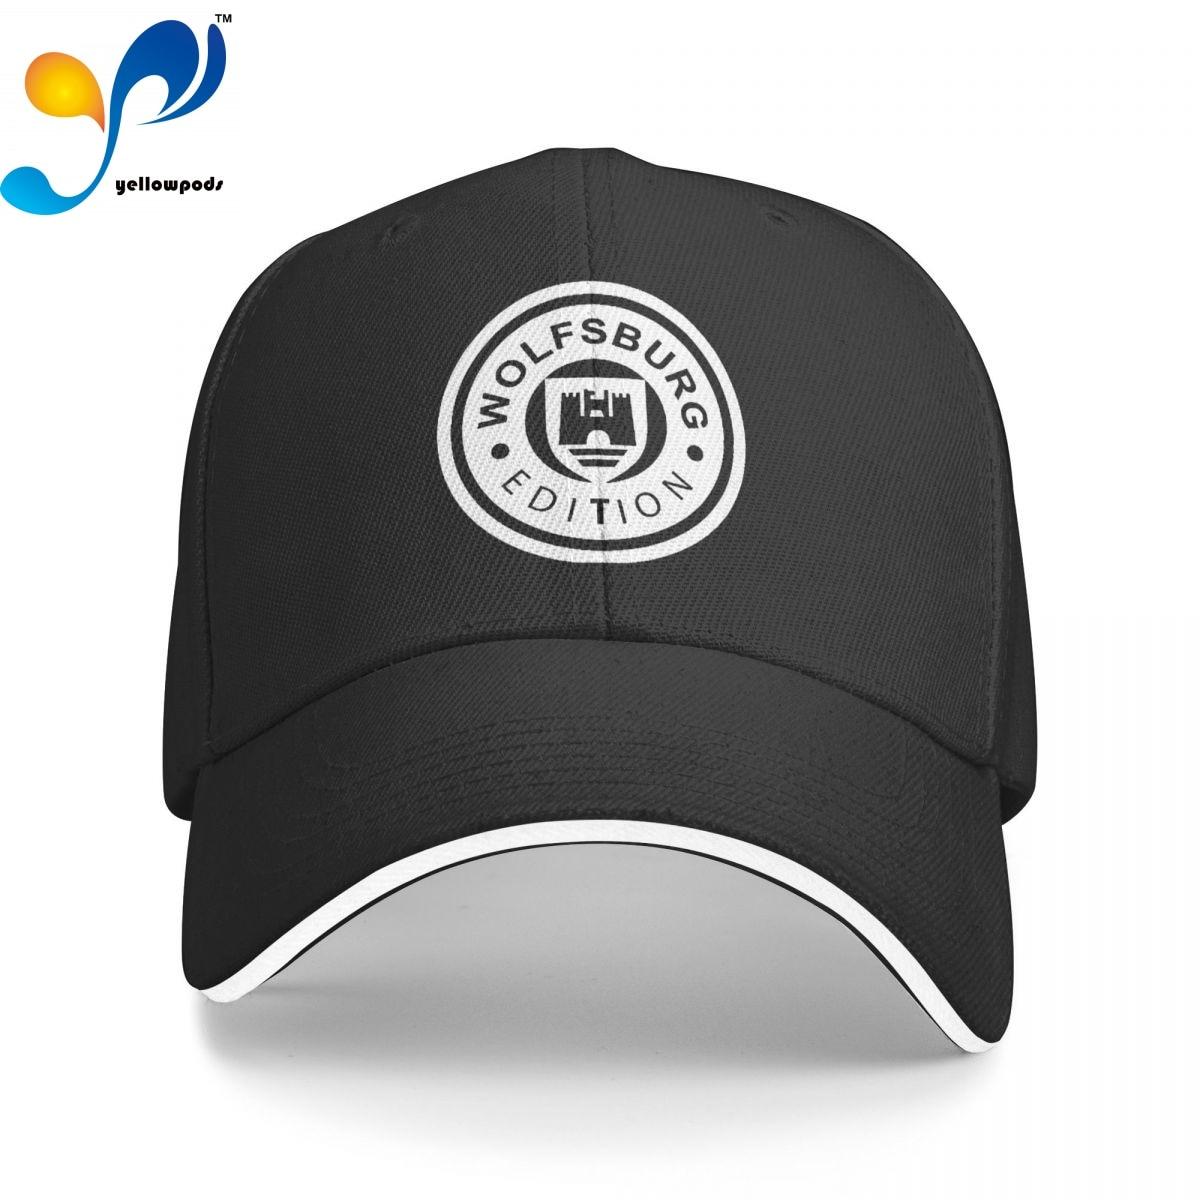 Бейсбольная кепка с логотипом изделия Wolfsburg, регулируемые бейсболки унисекс, шапки с клапаном для мужчин и женщин